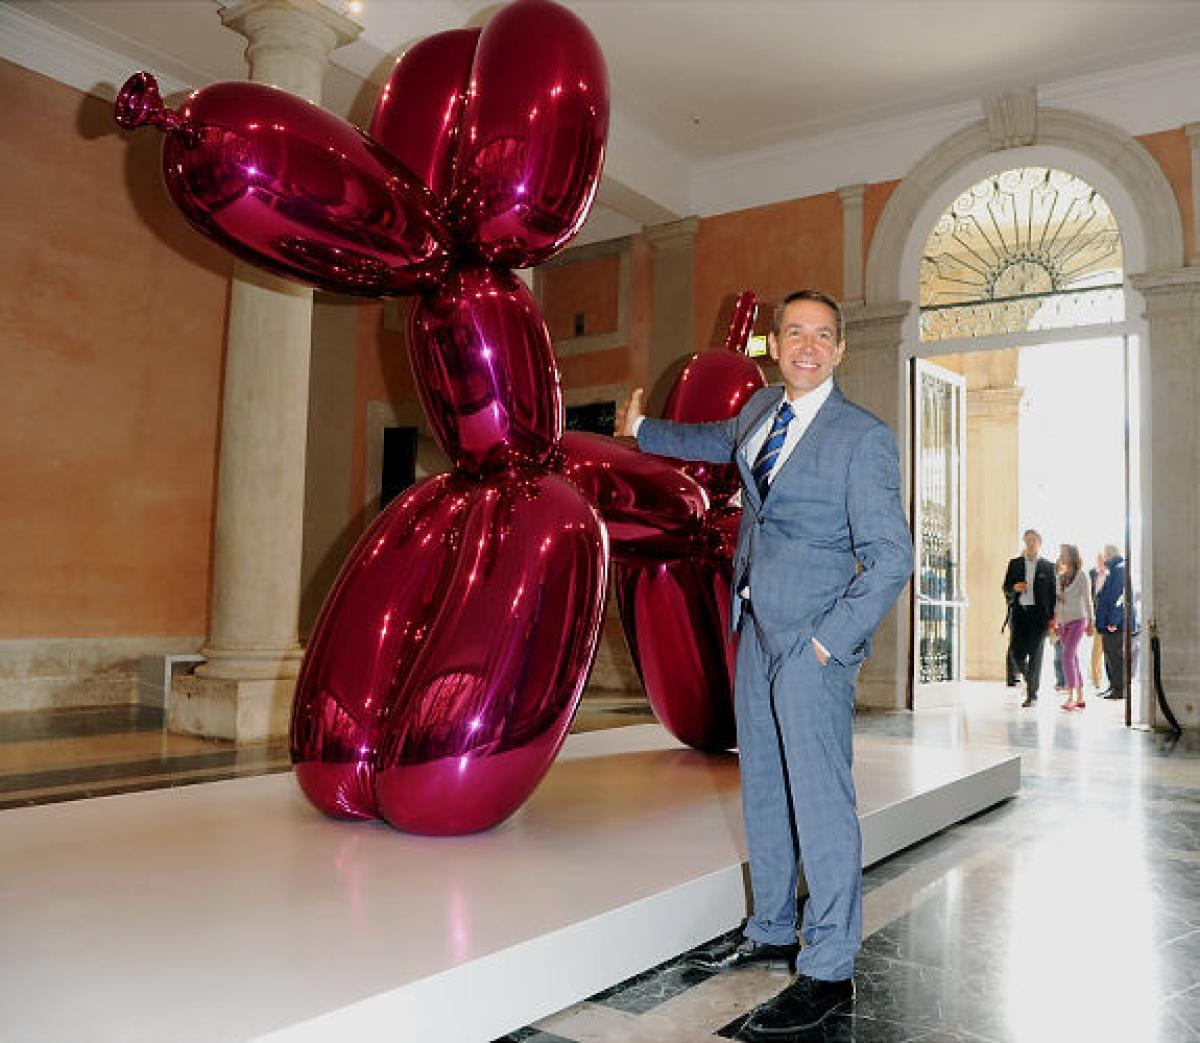 balloon-animal-sculpture